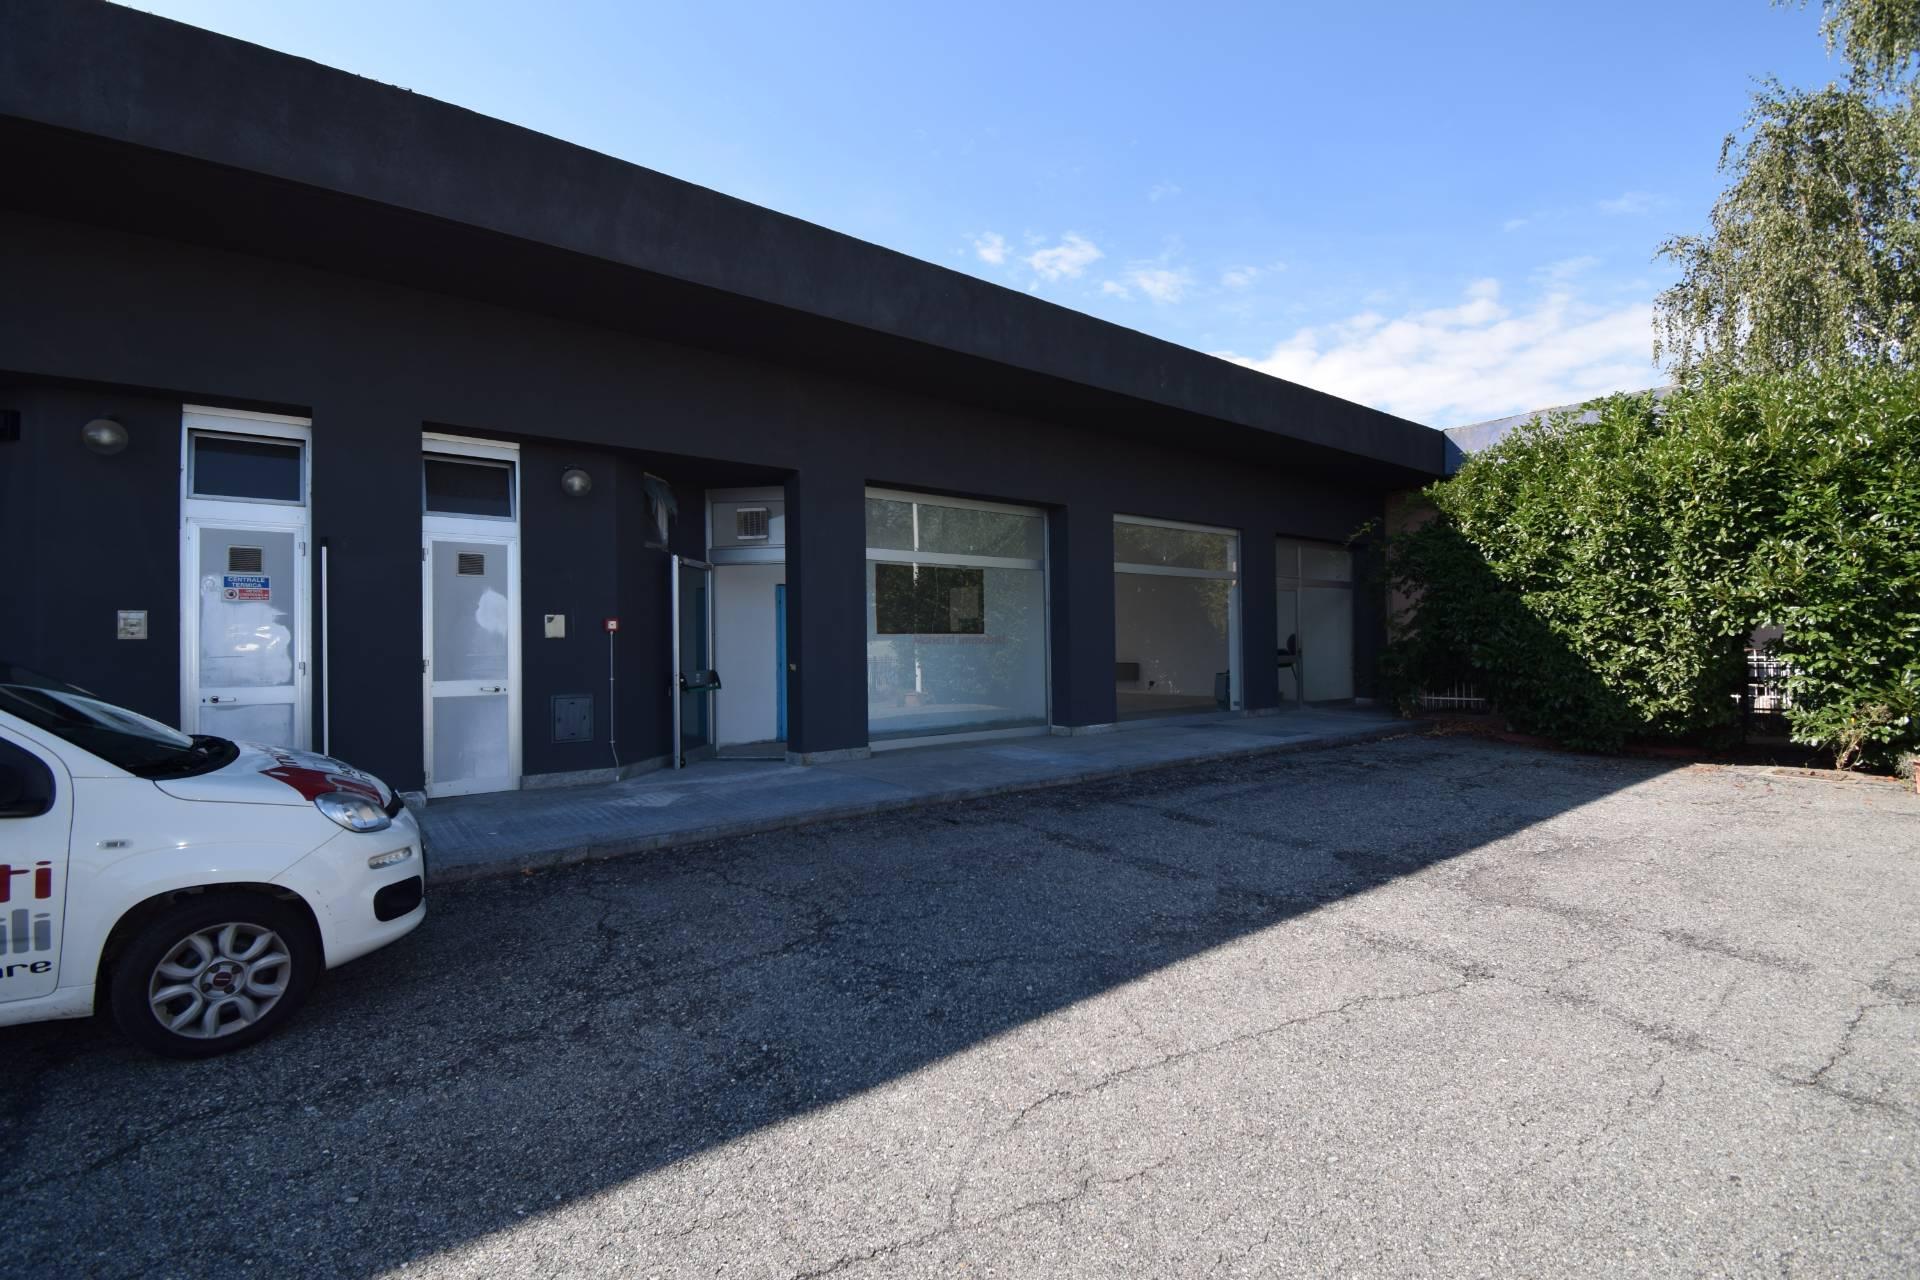 Negozio / Locale in affitto a Pinerolo, 9999 locali, prezzo € 950 | PortaleAgenzieImmobiliari.it